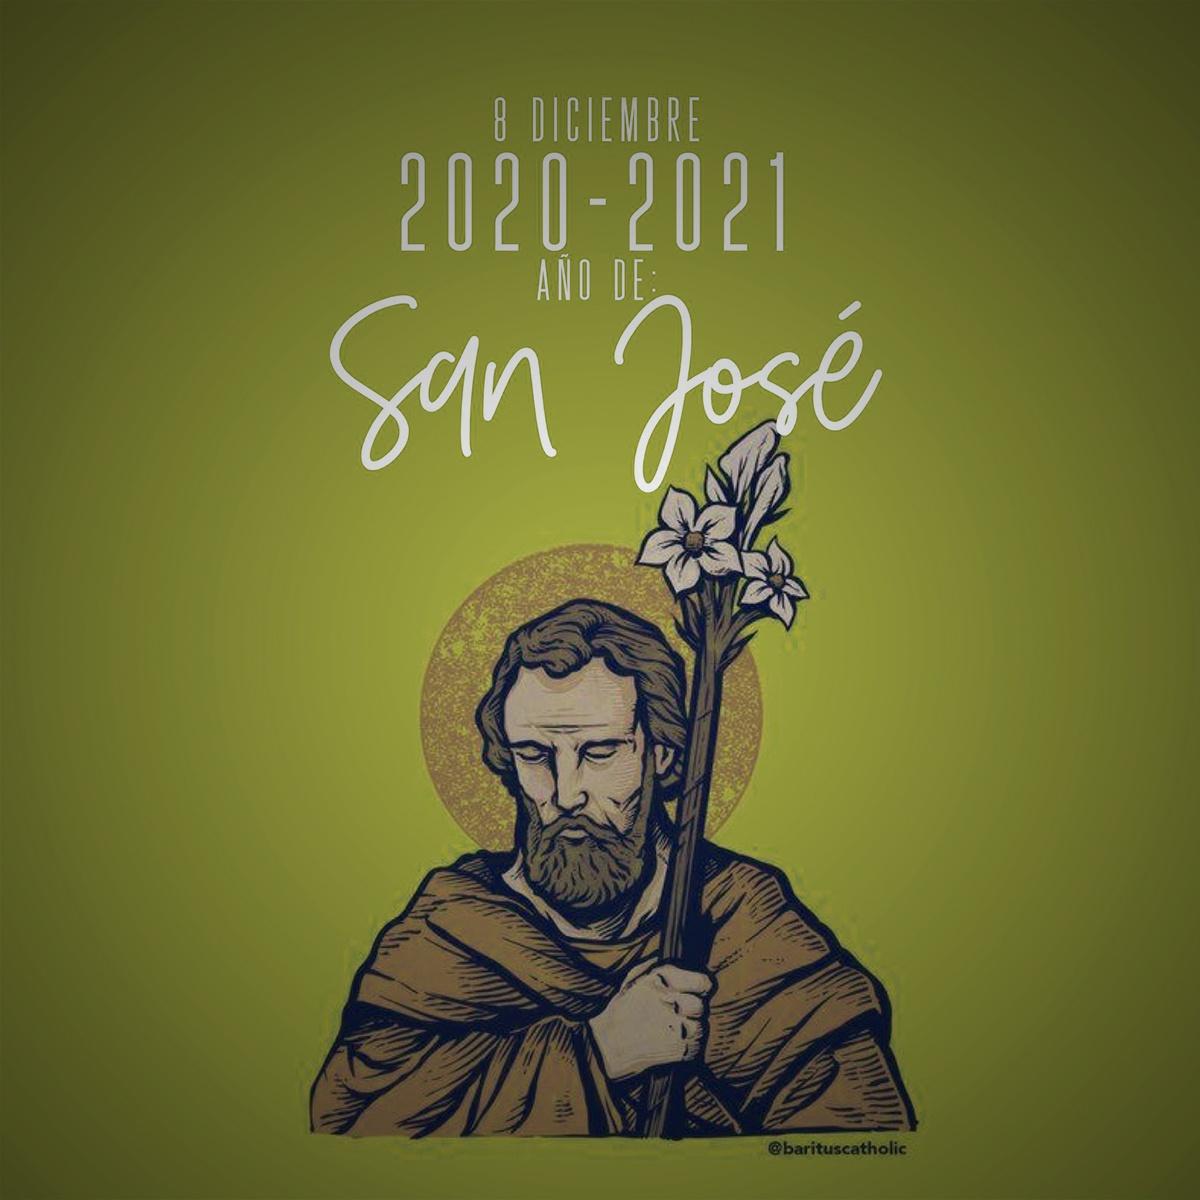 Por meio de São José, pedimos ao Senhor um ano de 2021 de dedicação e serviço